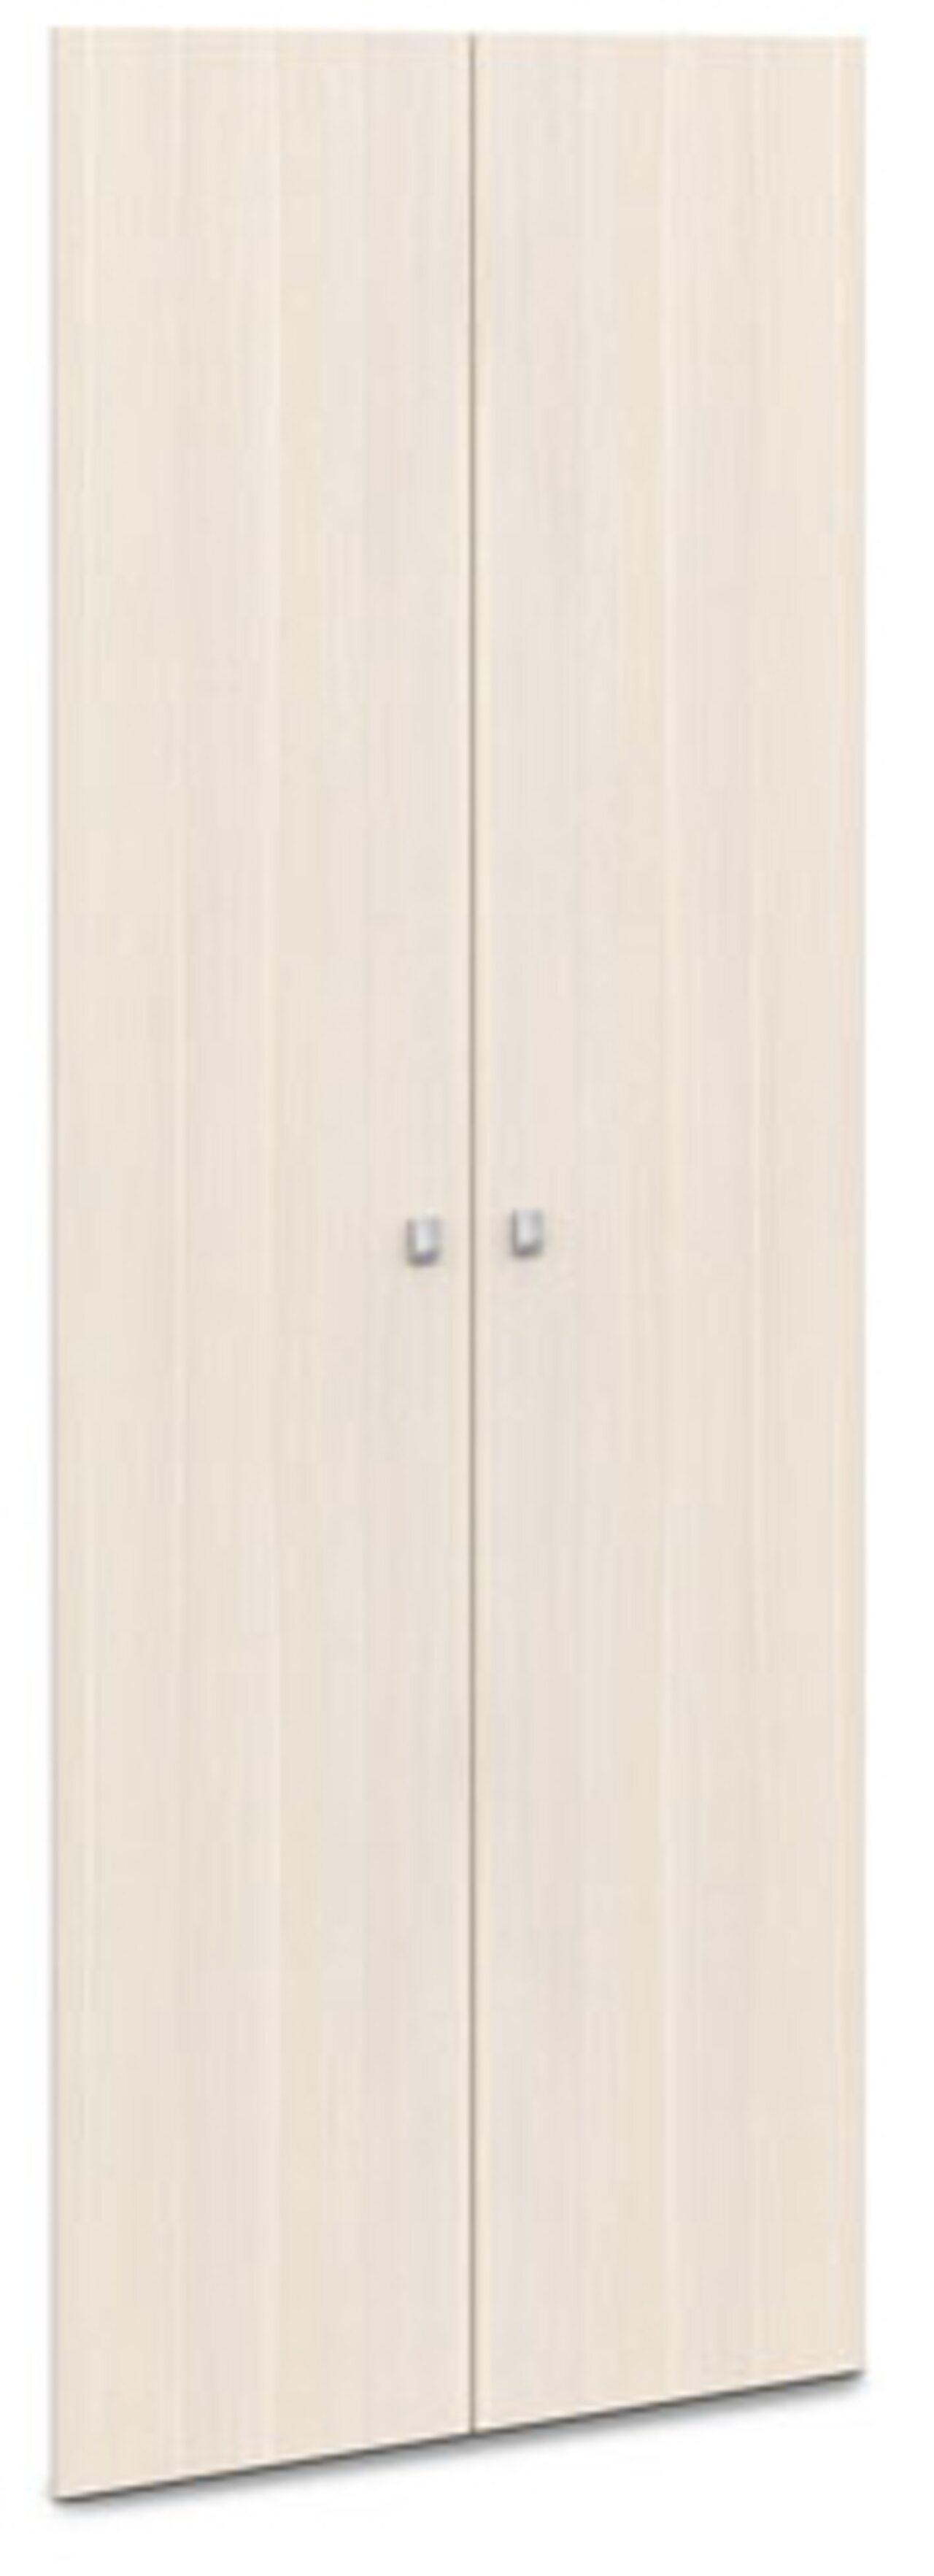 Двери ЛДСП  Vasanta 81x2x211 - фото 4